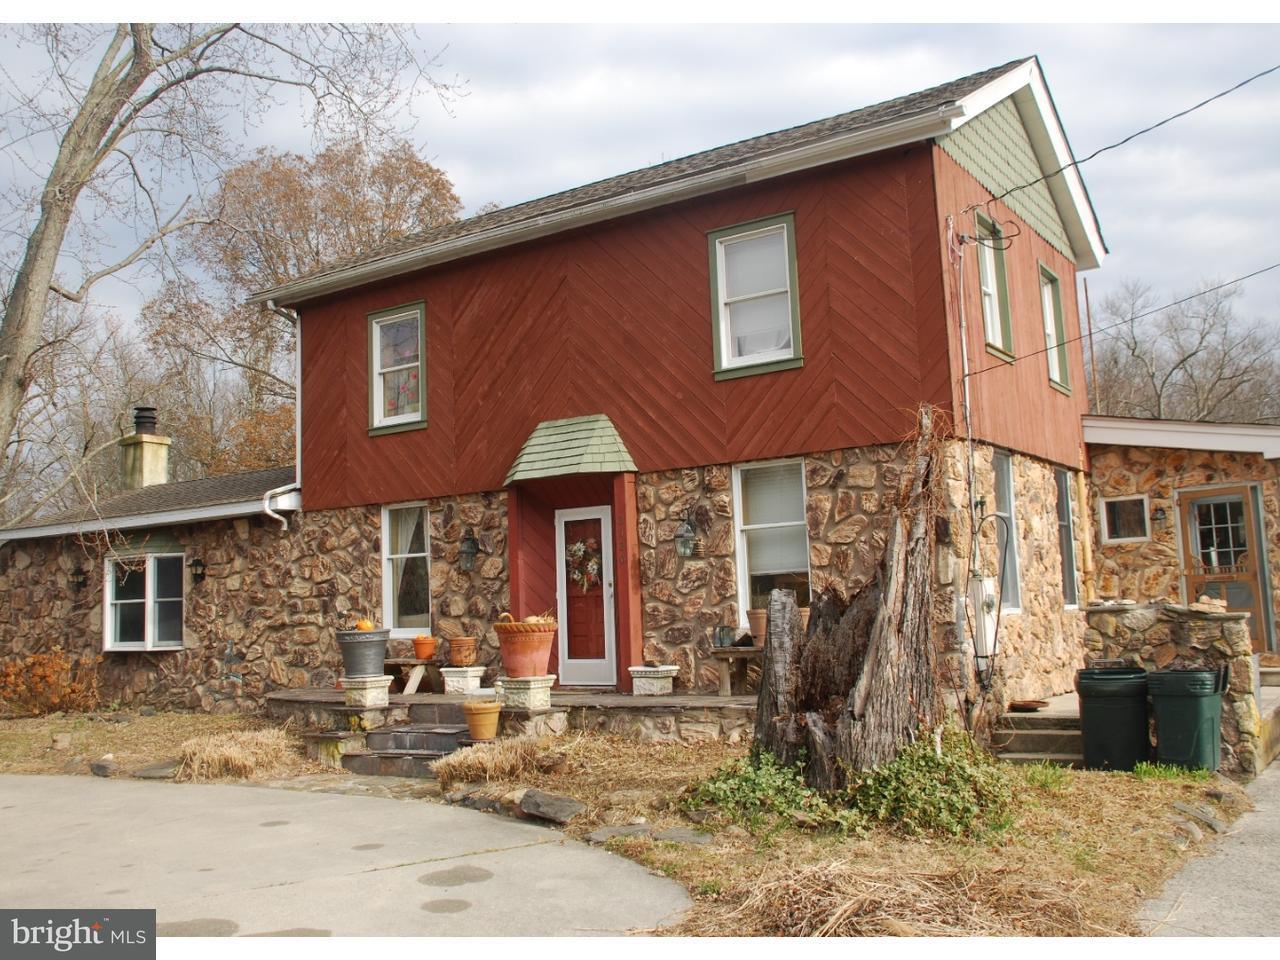 独户住宅 为 销售 在 2120 ROUTE 47 Woodbine, 新泽西州 08270 美国